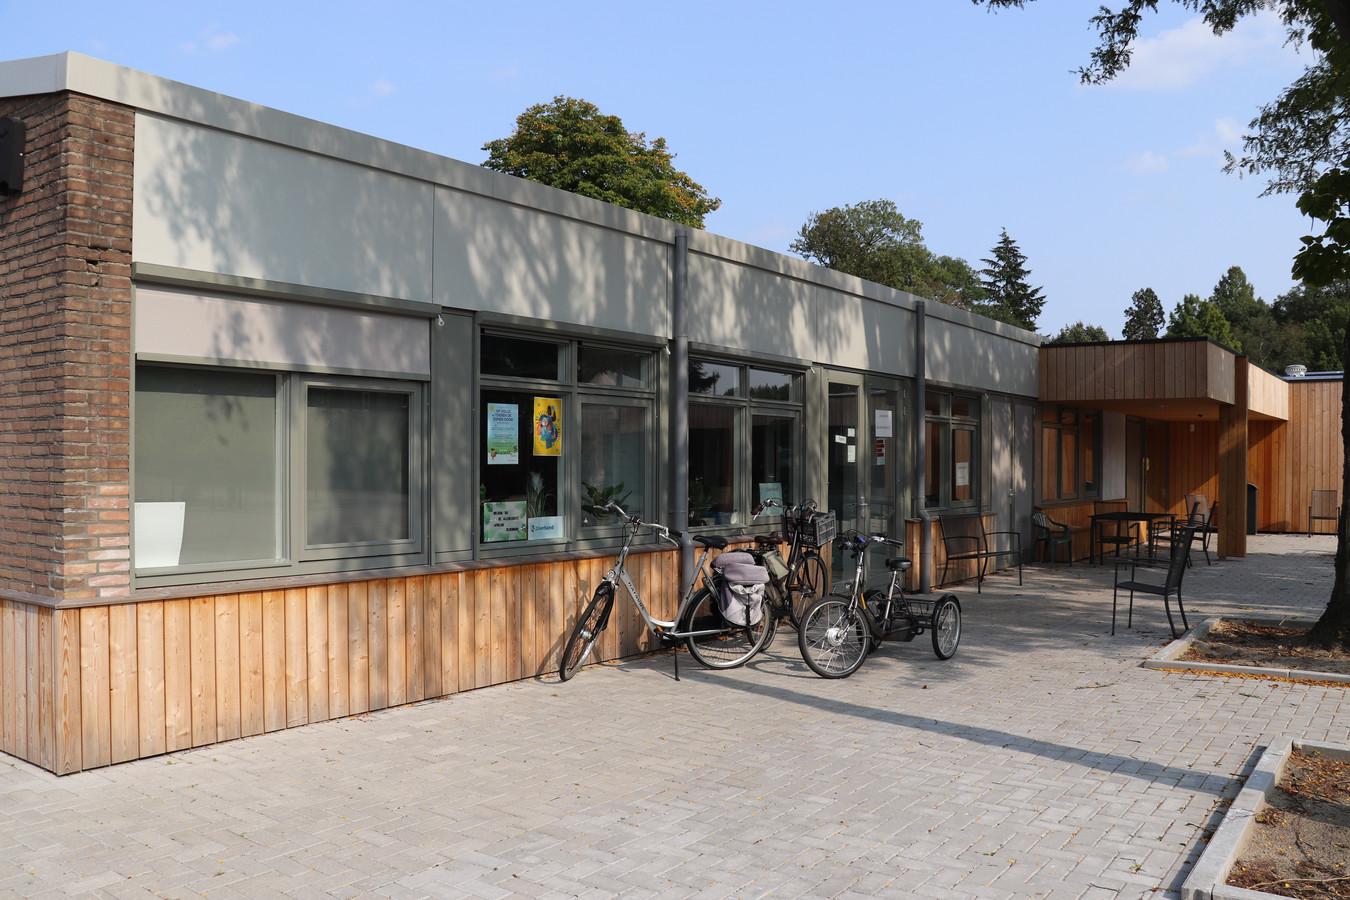 Het vernieuwde dagbestedingscentrum op het terrein van 't Bouwhuis kan vooralsnog vanwege coronamaatregelen slechts beperkt worden gebruikt.